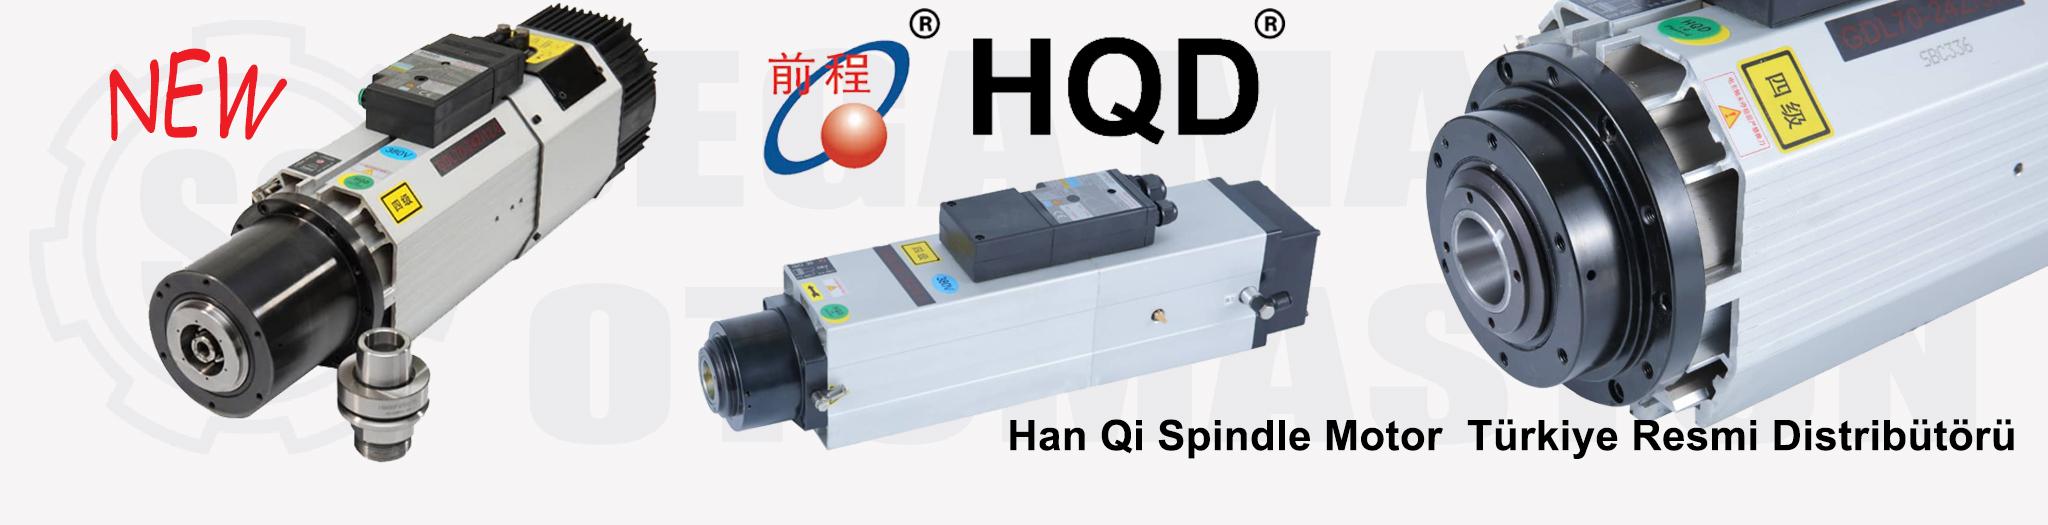 HQD Han Qi Spindle Motor Türkiye Distribütörü